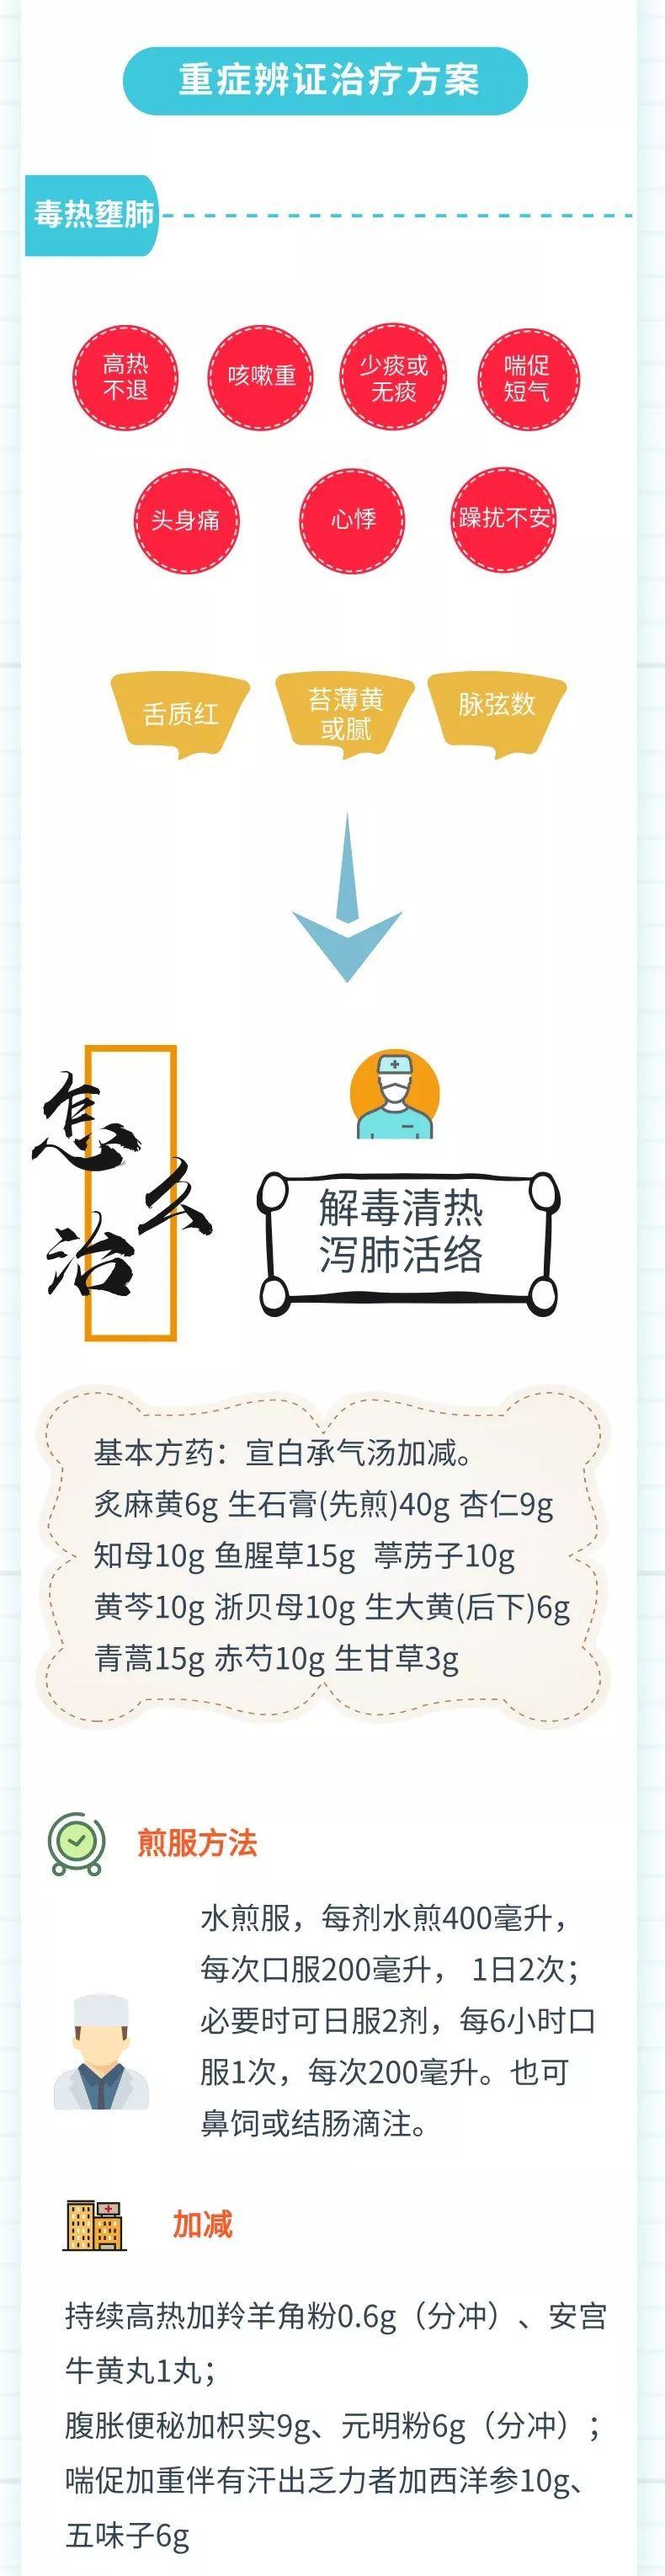 流感高发季已到,中医药防治这么做!